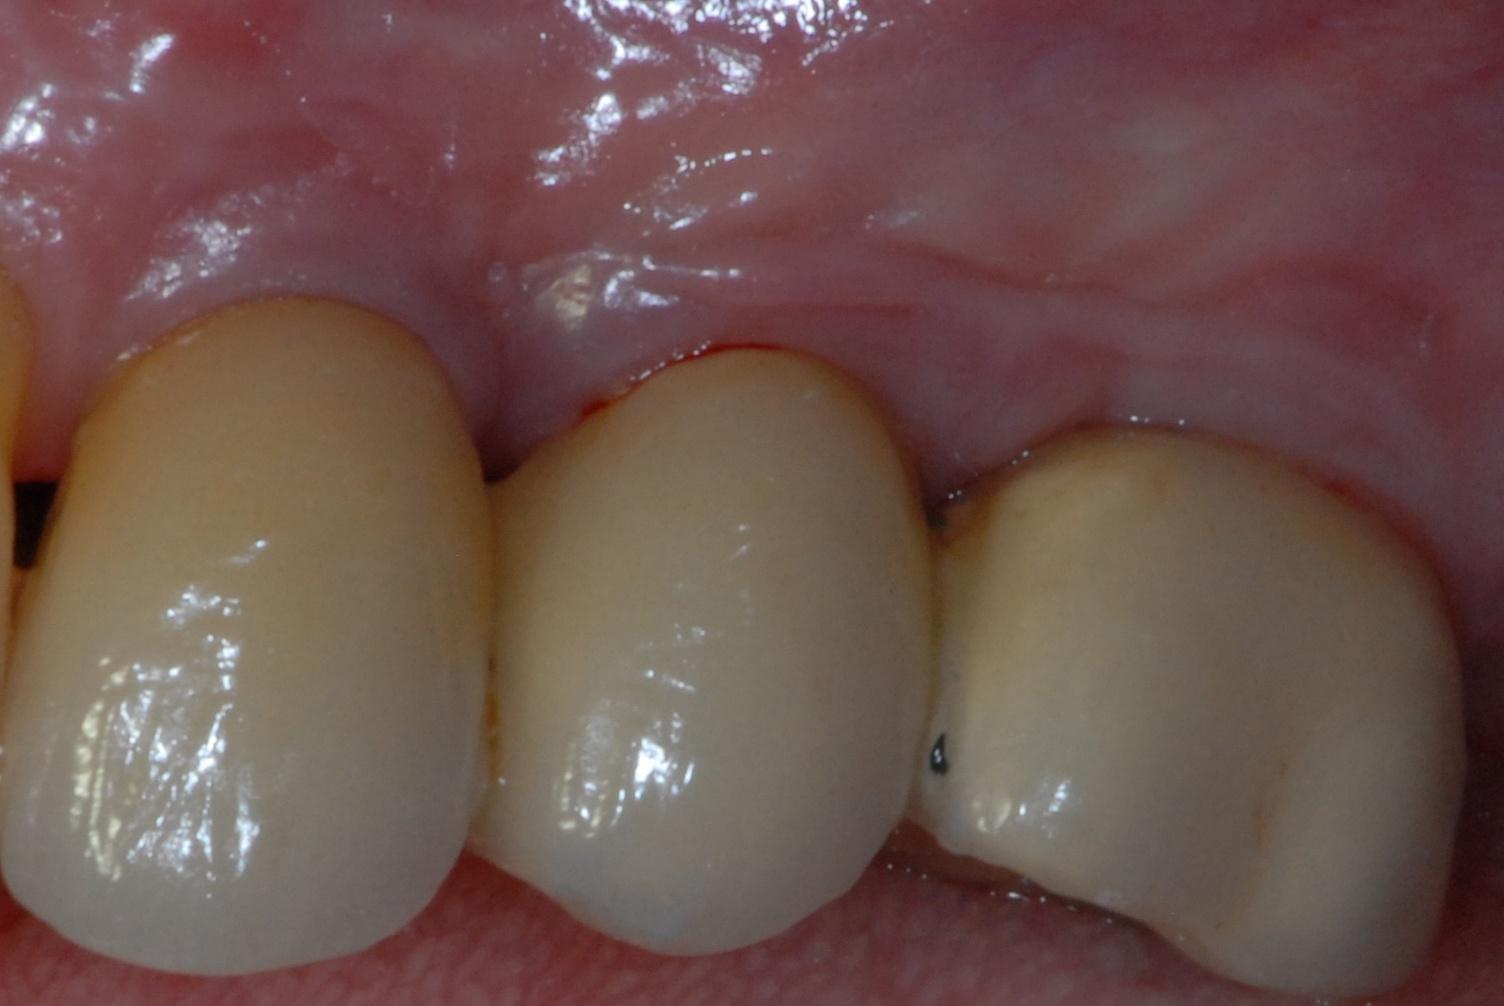 Fig. 1: Periimplant mucositis (Photo: Prof. Dr S. Twetman)